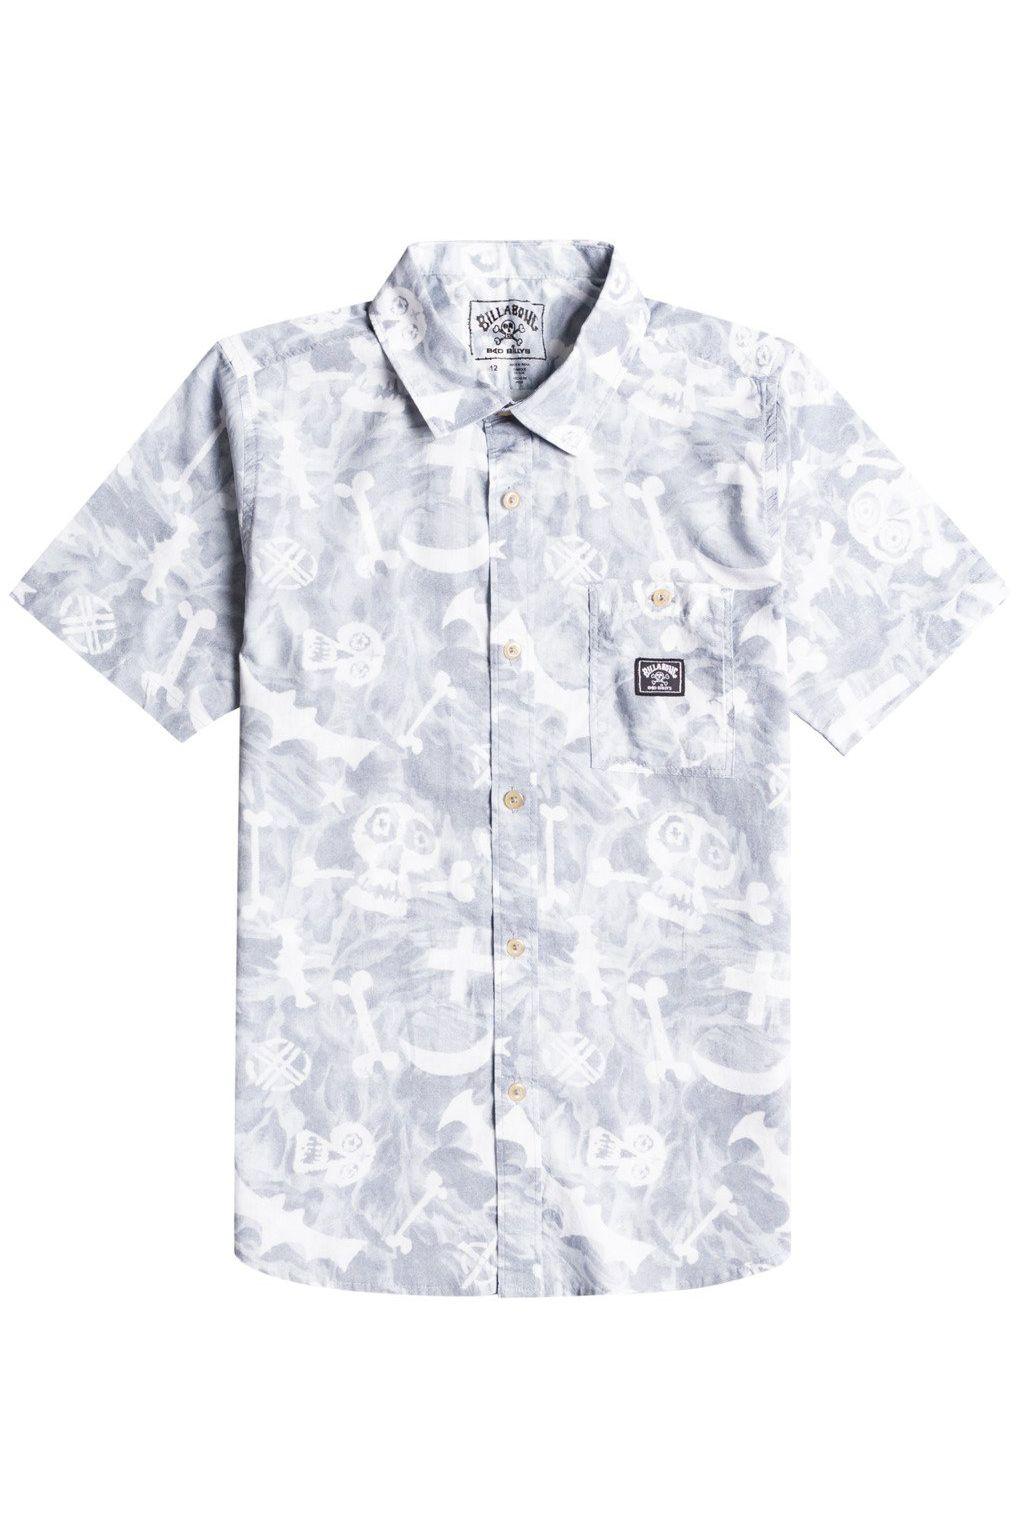 Billabong Shirt BAD BILLY SS SEASONAL COLLECTION Alloy